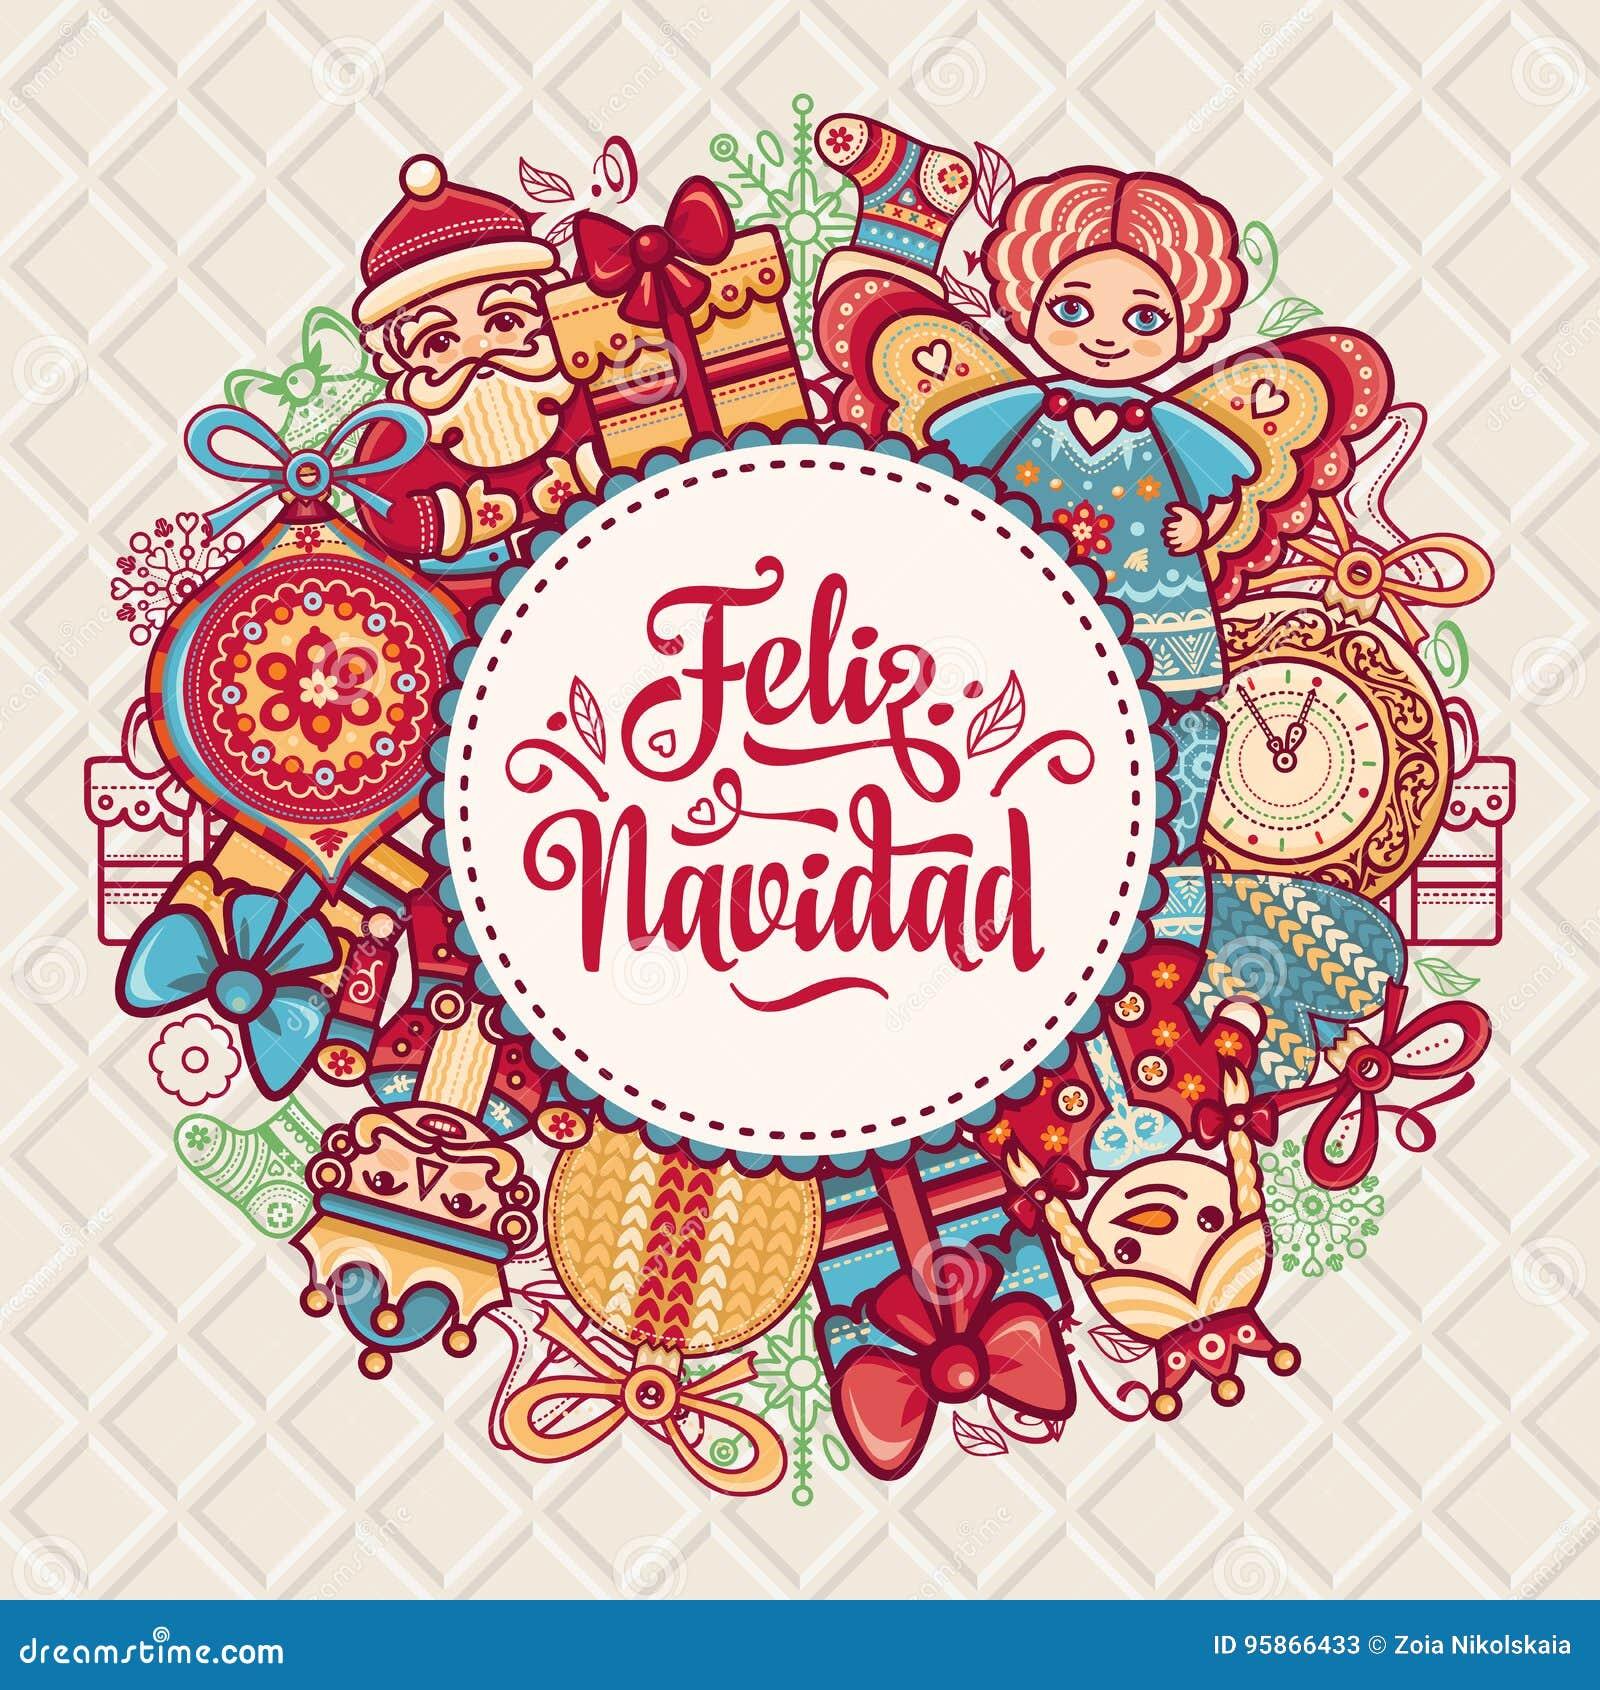 Feliz Navidad. Xmas Card On Spanish Language. Stock Vector ...